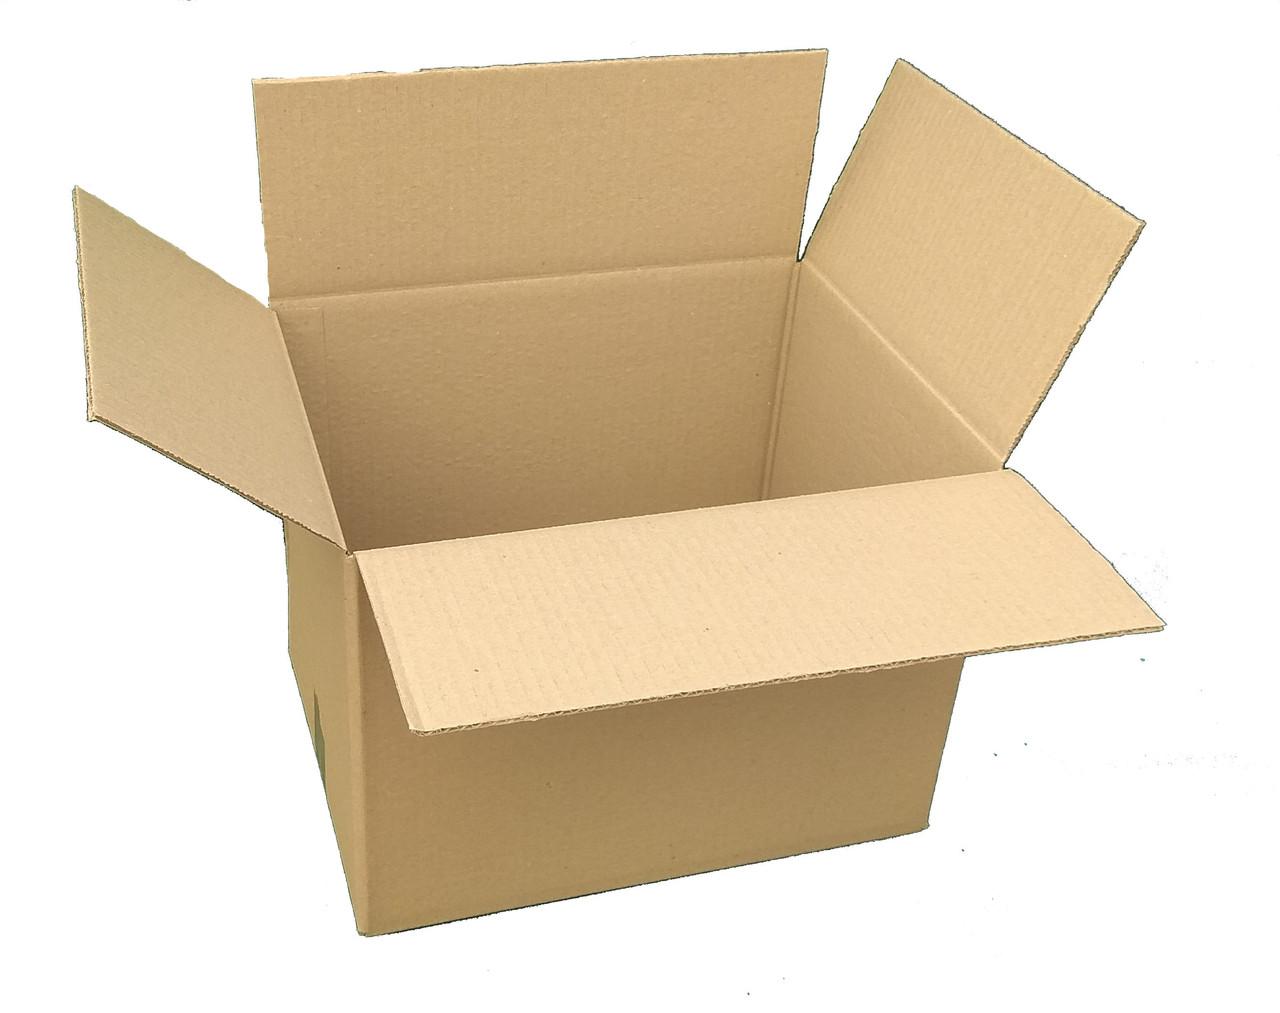 Картонная коробка вместимостью до 10 кг фактического или объемного веса 400*350*285